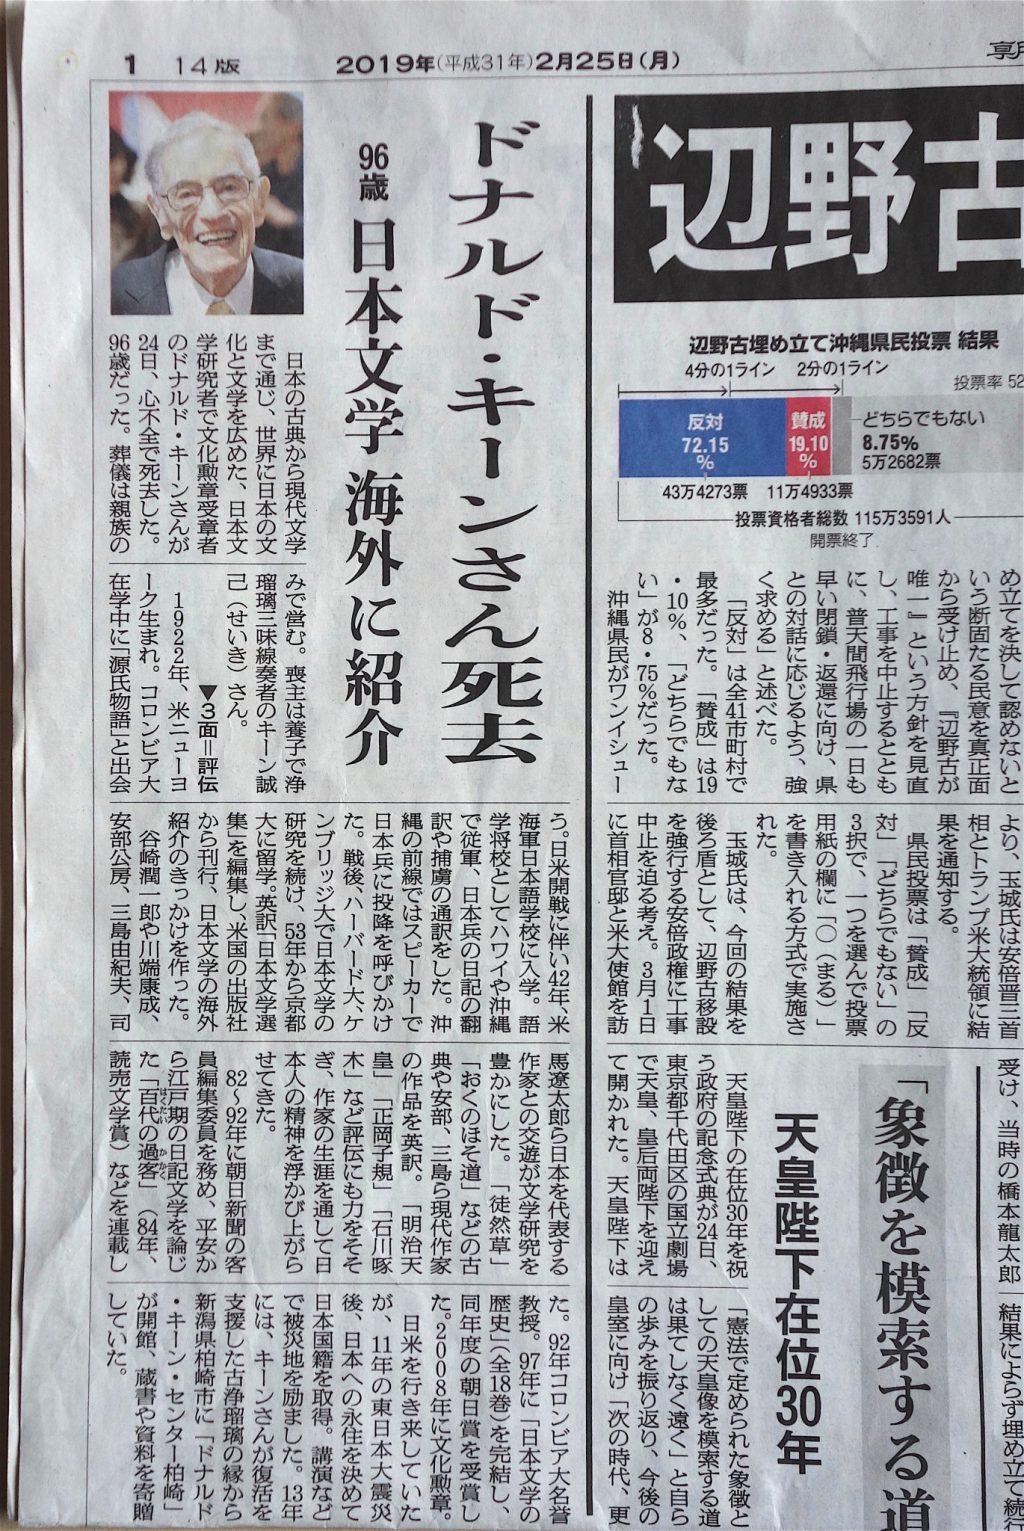 ドナルド・キーン Donald Keene 朝日新聞 平成31年2月25日